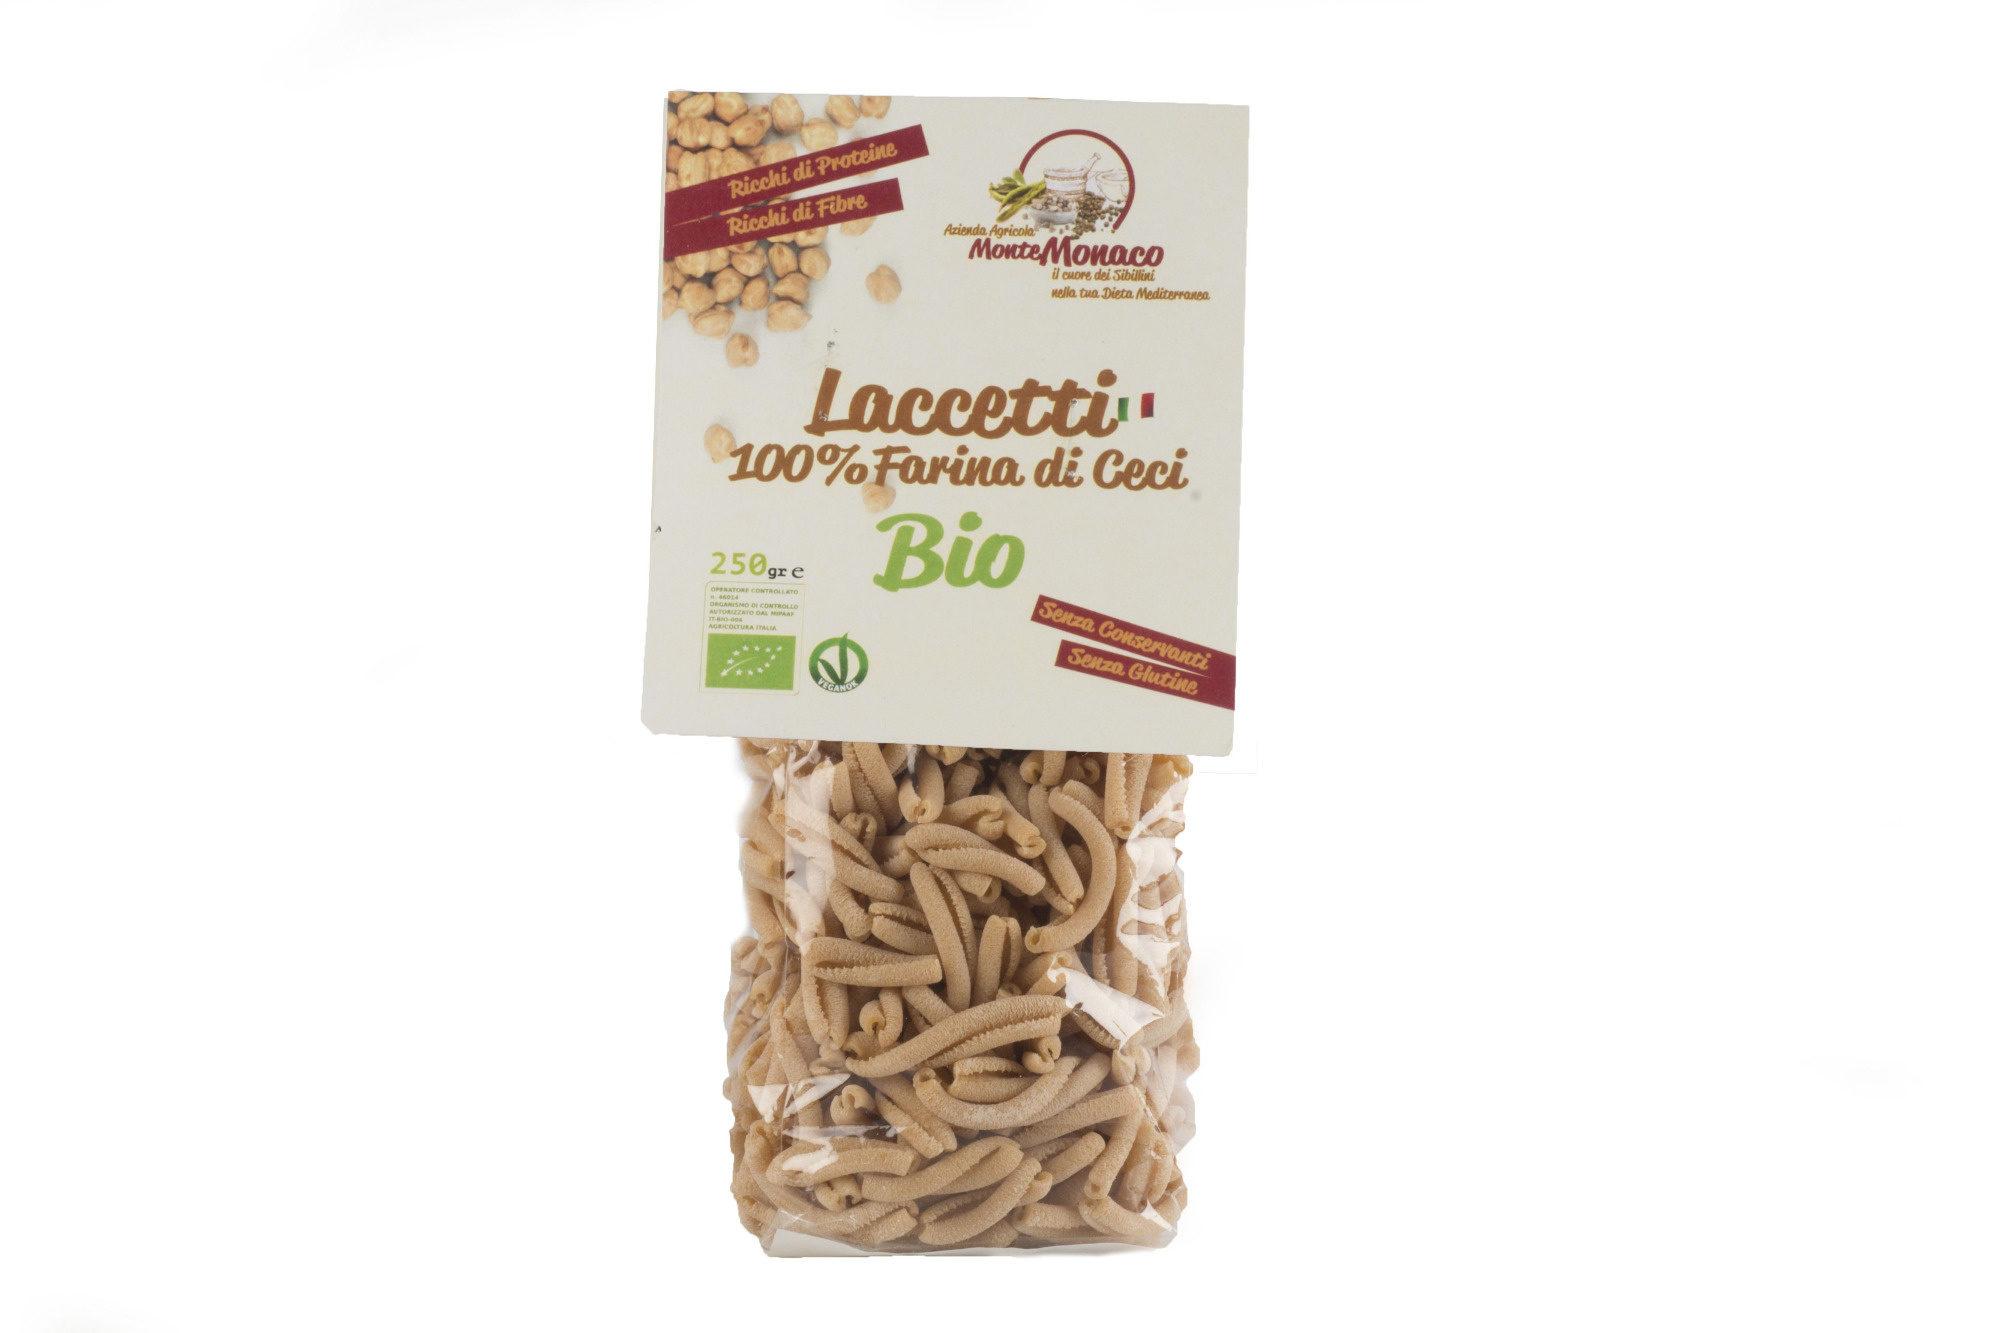 Laccetti 100% Farina di Ceci BIO - Azienda Agricola Monte Monaco - Product - it